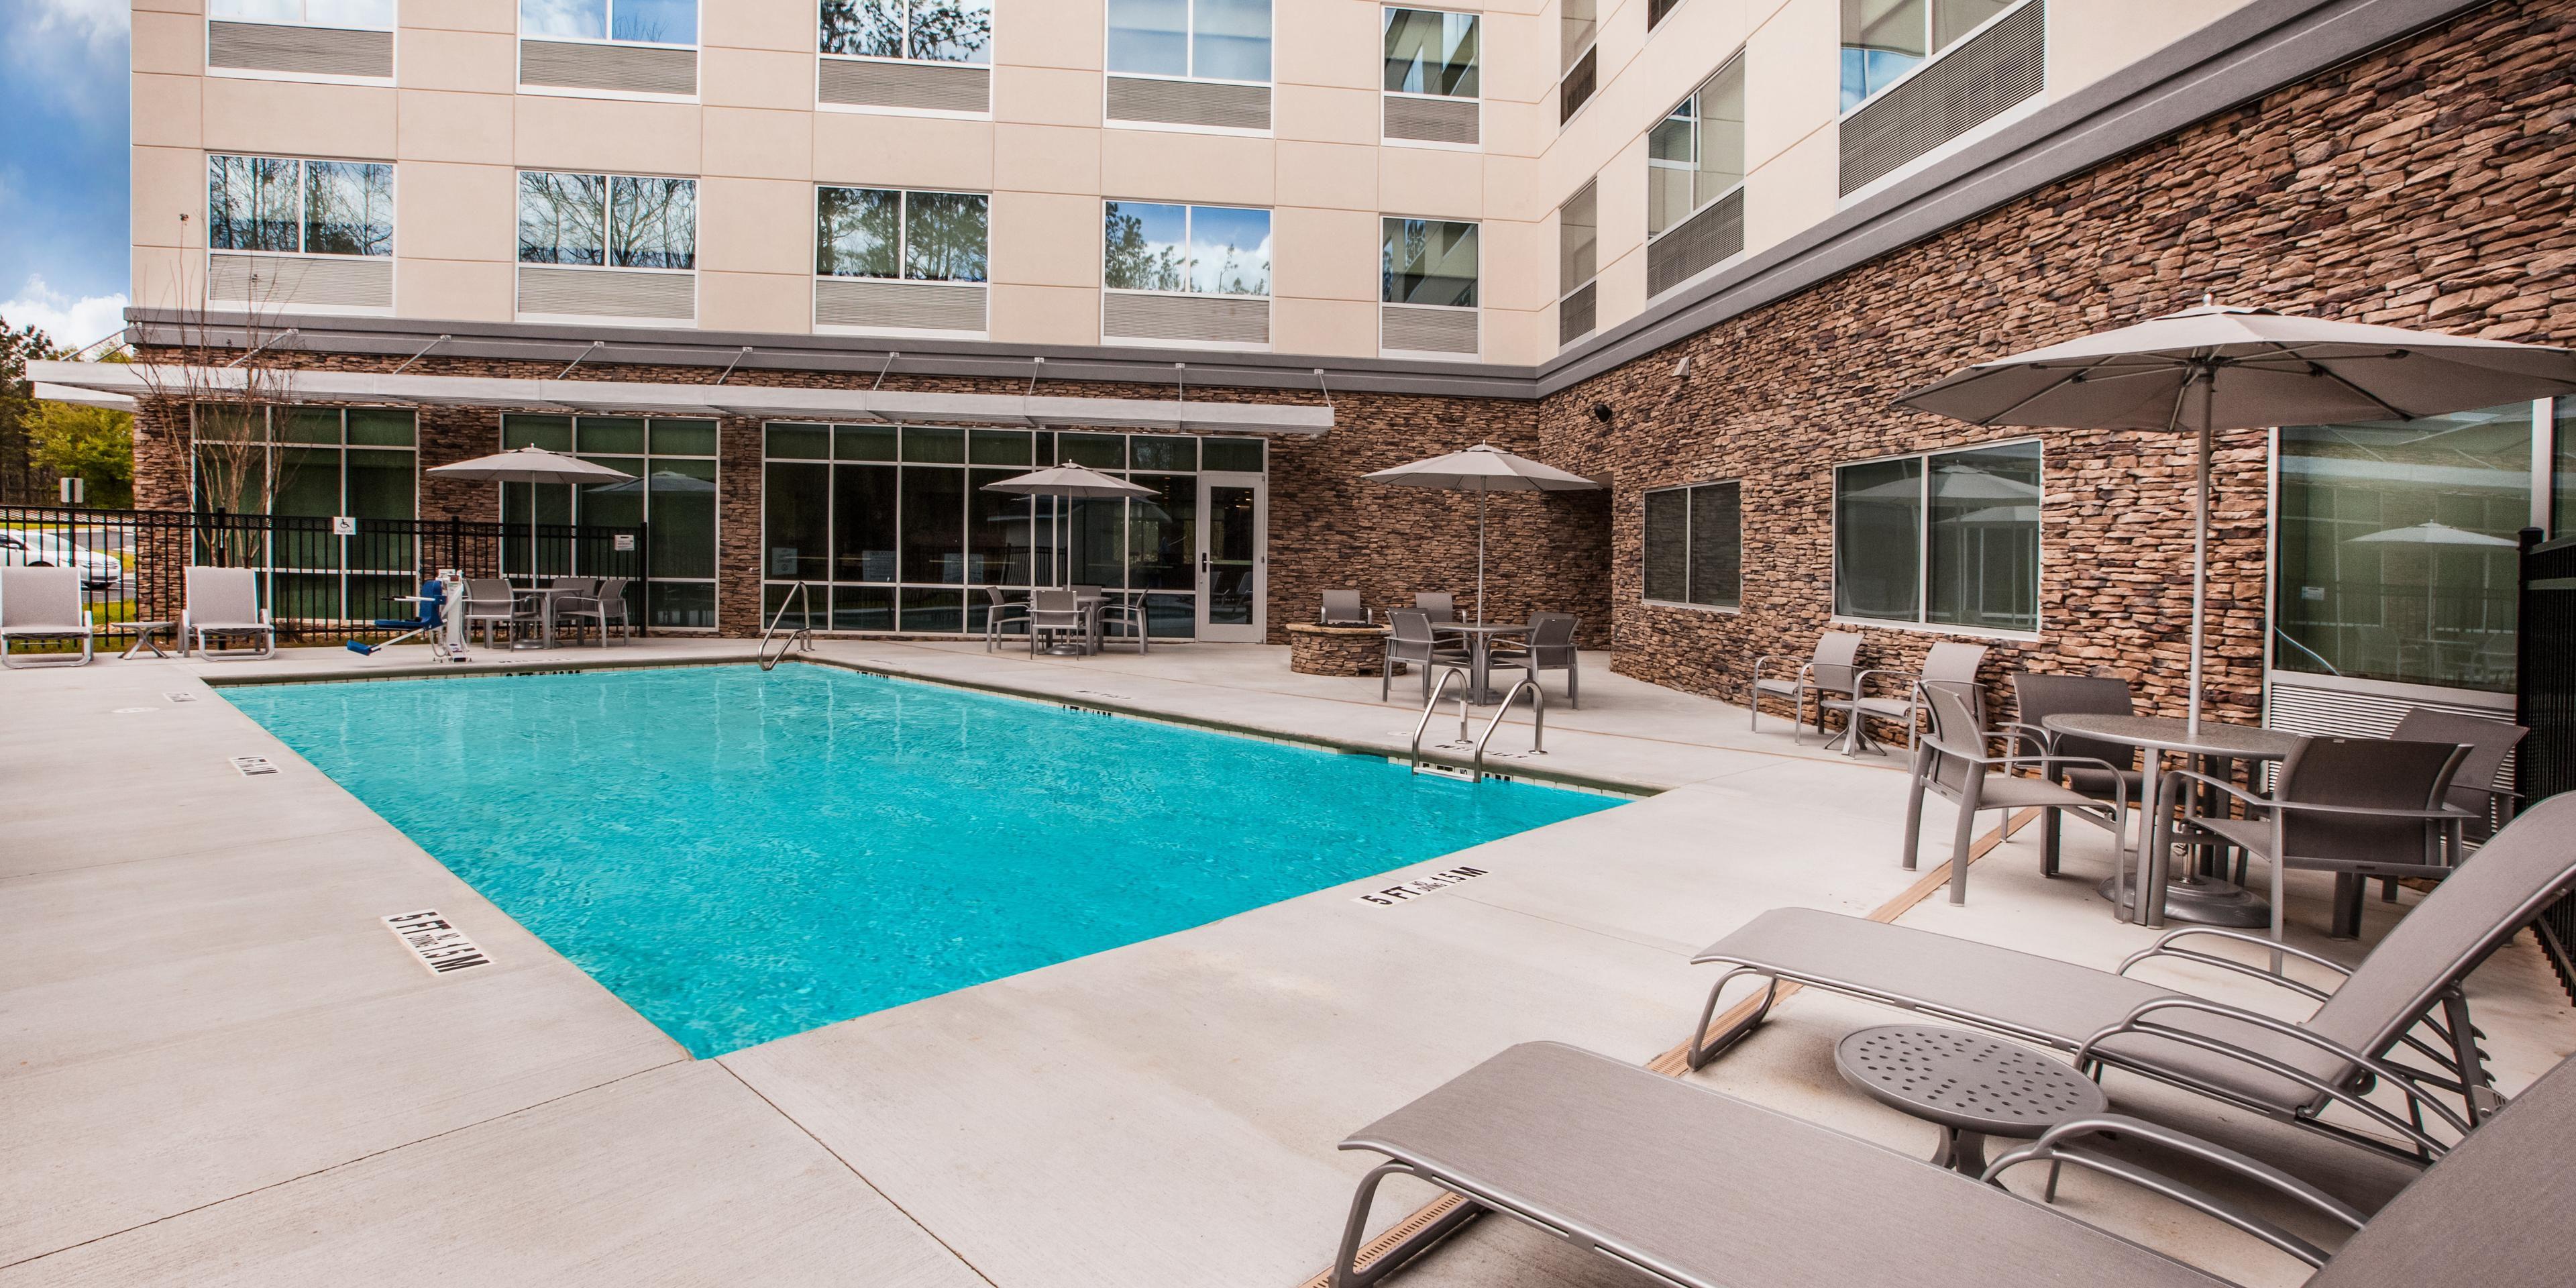 Holiday Inn Express & Suites Atlanta N - Woodstock Hotel by IHG